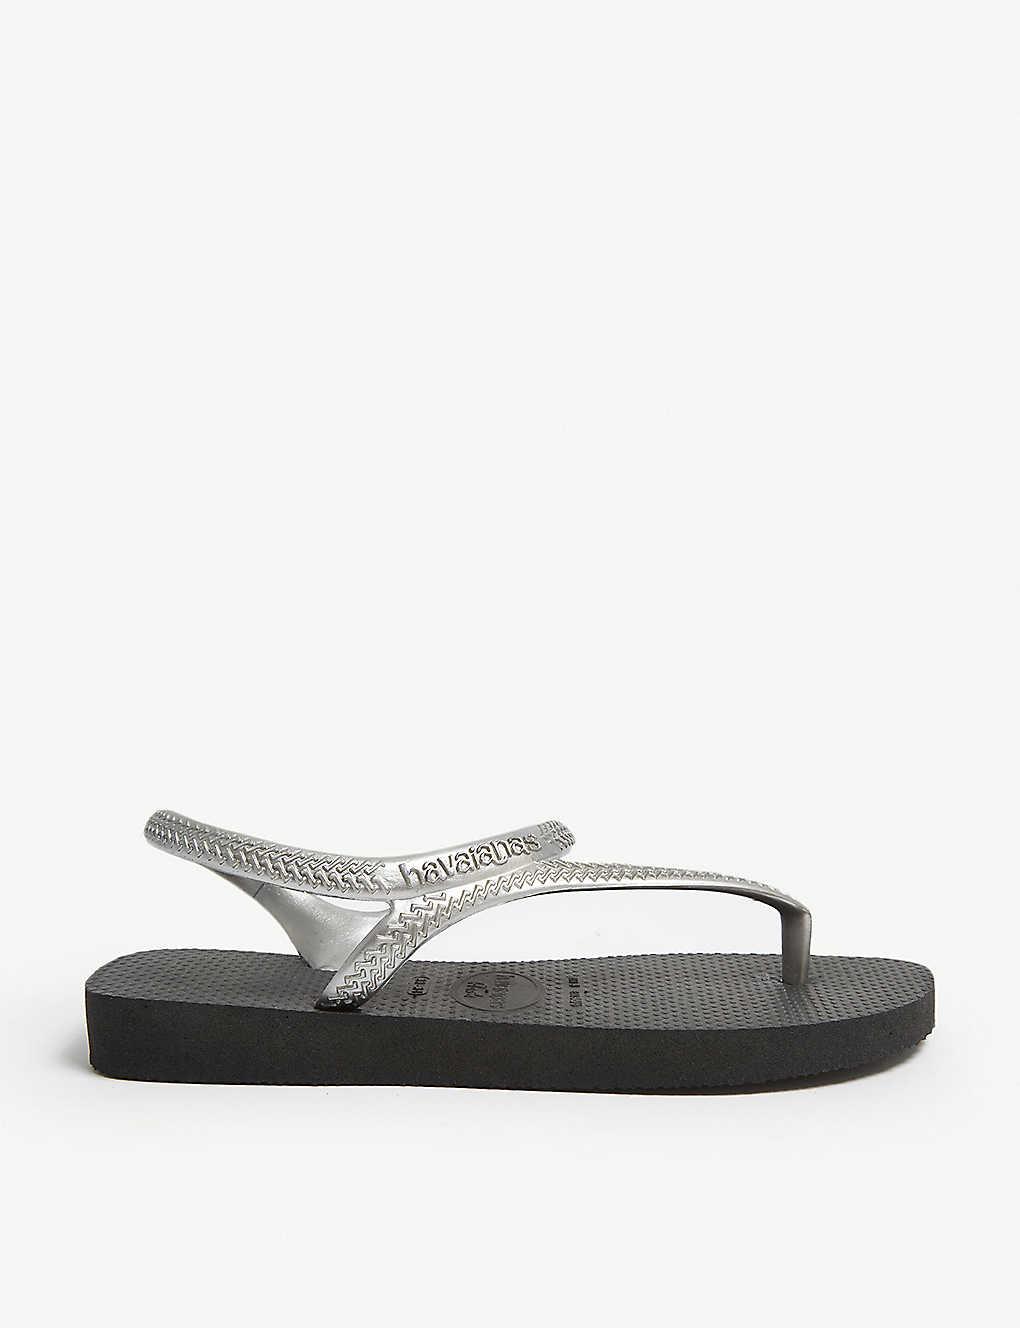 a4b15cd73 HAVAIANAS - Flash Urban rubber sandals